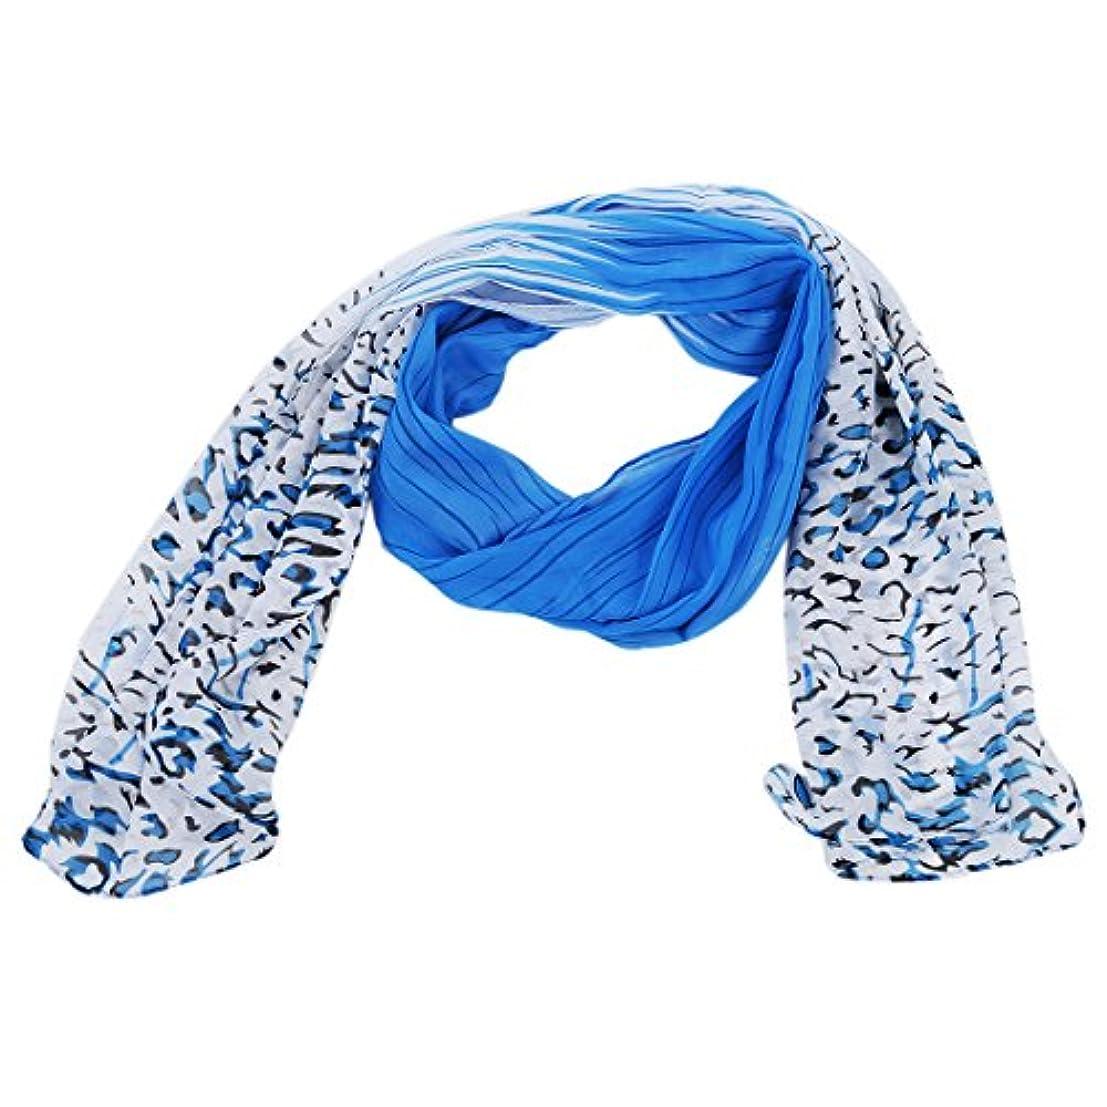 噴出する顧問保有者SODIAL(R)女性 ファッション ヒョウ柄 カラフル ショールスカーフラップ(ブルー)